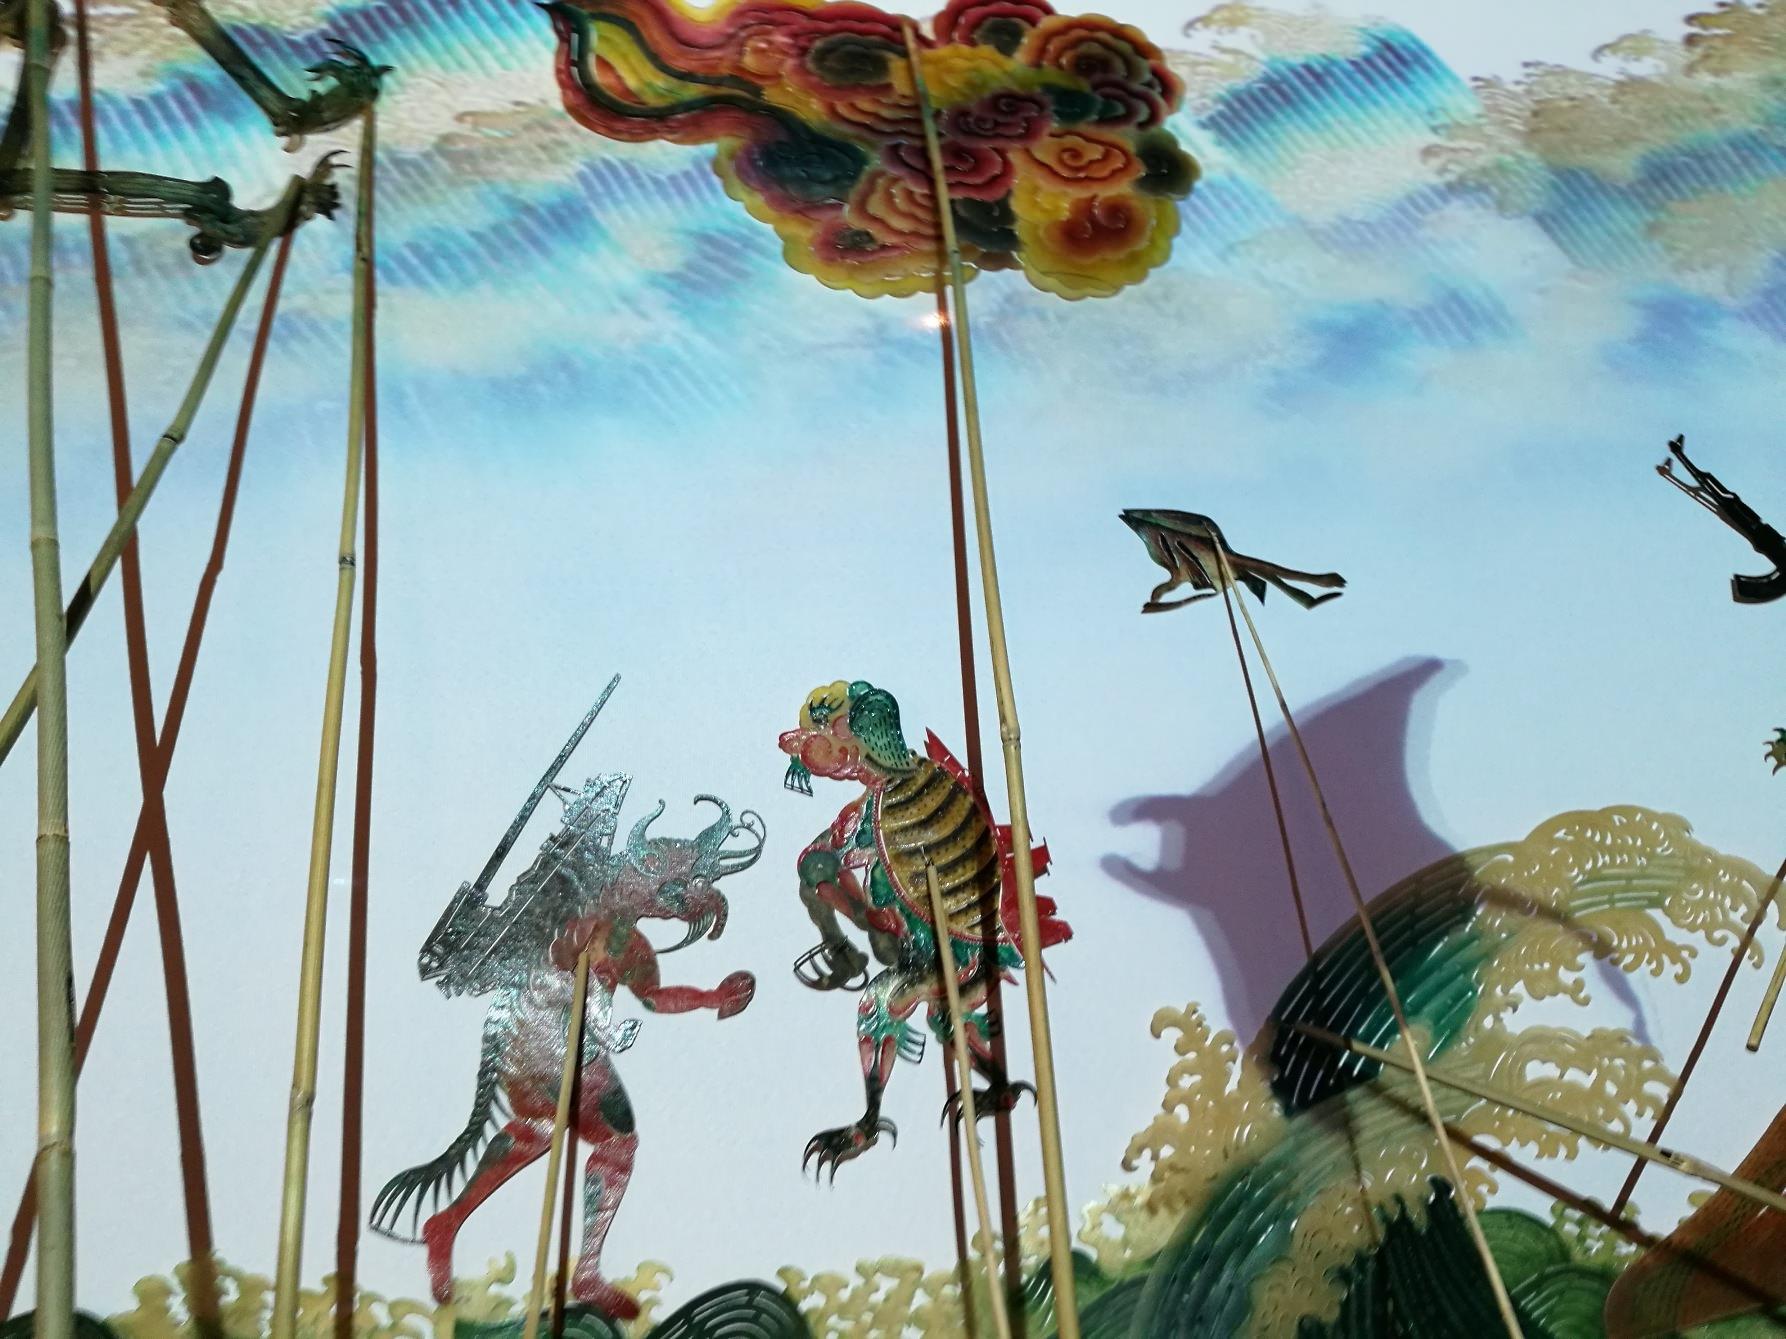 Wang Tianwen,Wu Jian'an, Tang Nannan, Yao Huifen, Continuum-Removing the Mountains and Filling the Sea (particolare),Shadow play screen, 2015; Photo: Artbooms